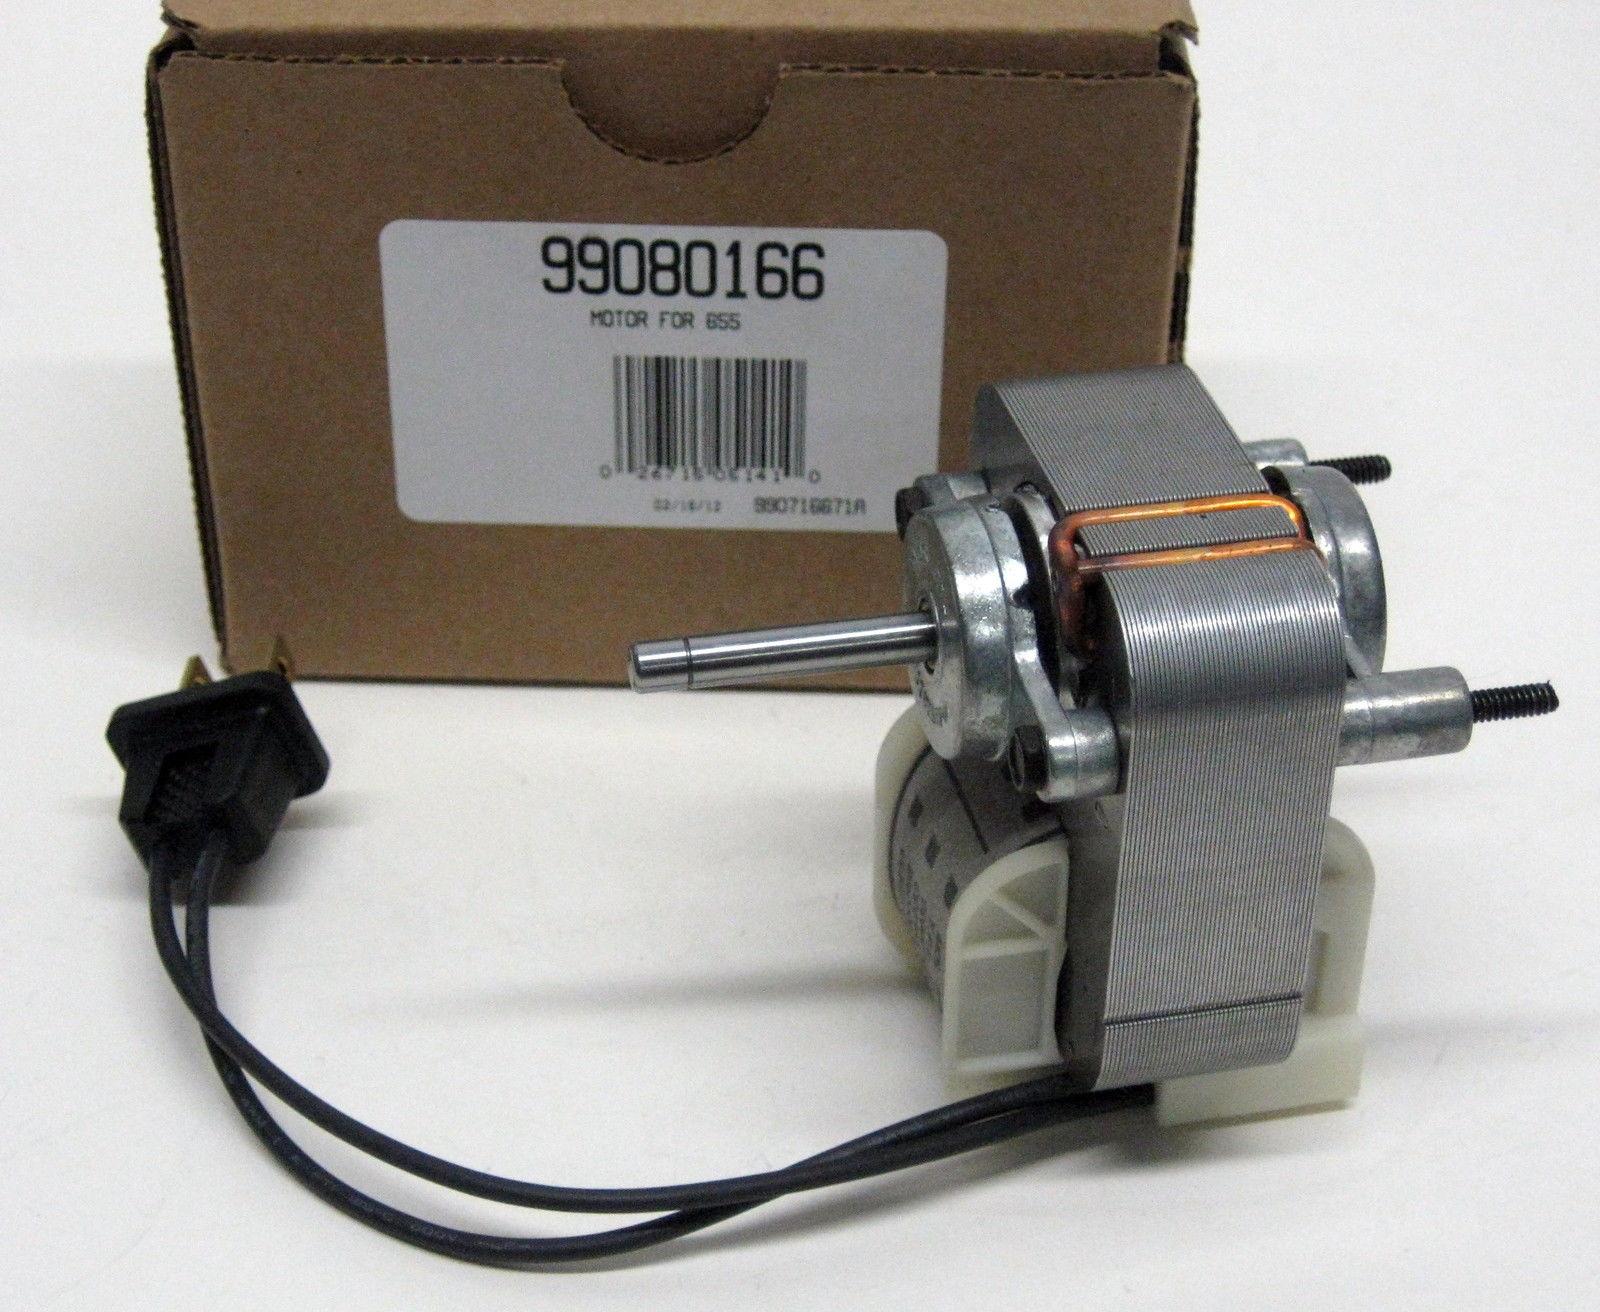 99080166 Broan Nutone Vent Bath Fan Motor For Models 694 695 85n2 8335000046 26715051410 Ebay